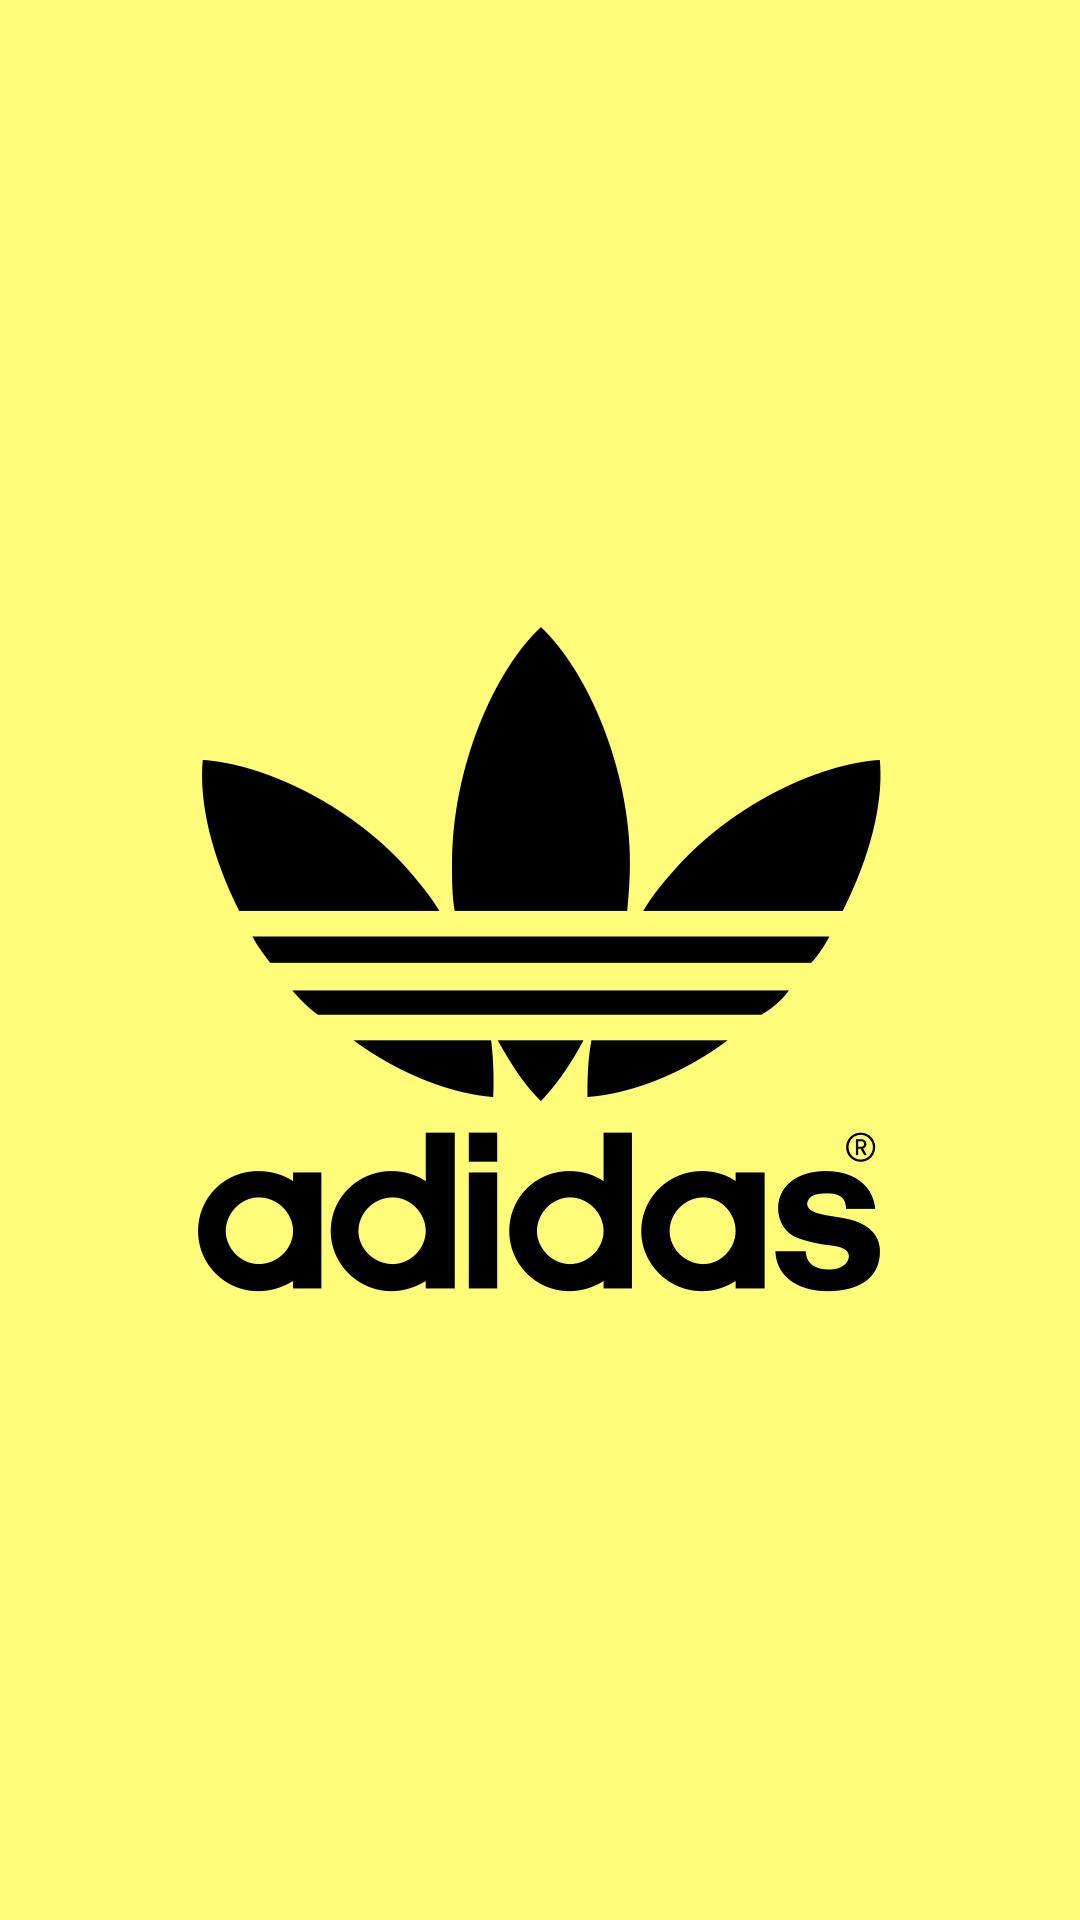 adidas05